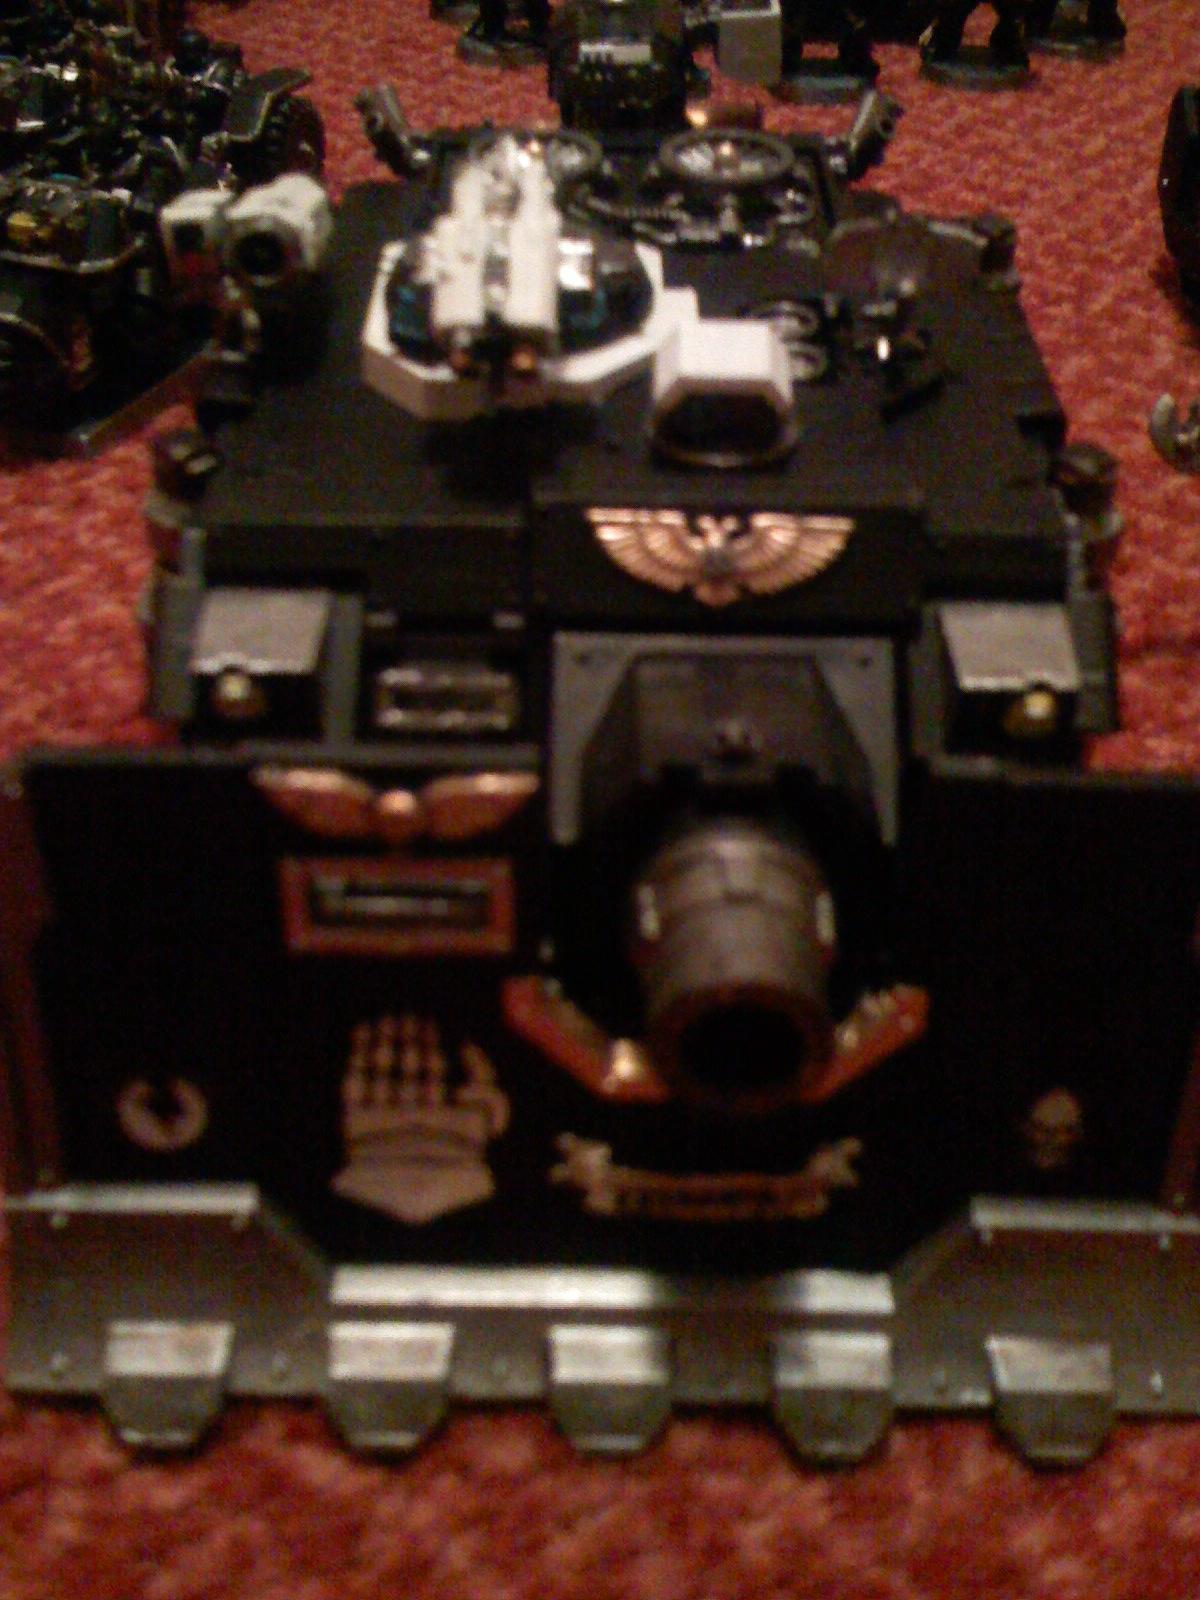 Iron Hands, Space Marines, Vindicator, Warhammer 40,000